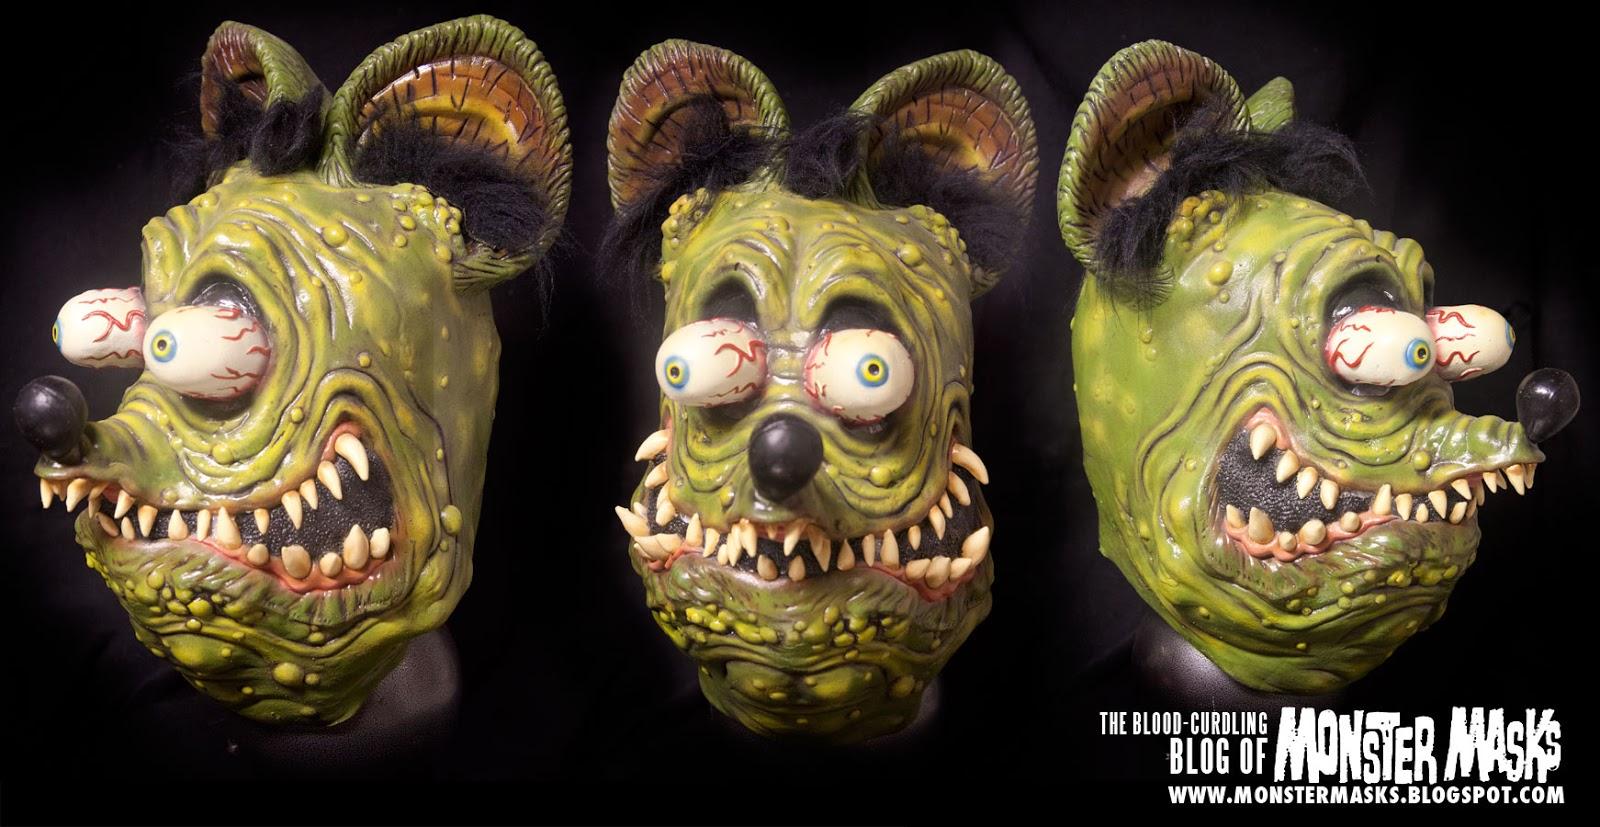 Blood Curdling Blog of Monster Masks: Monster Mask Collection Pics